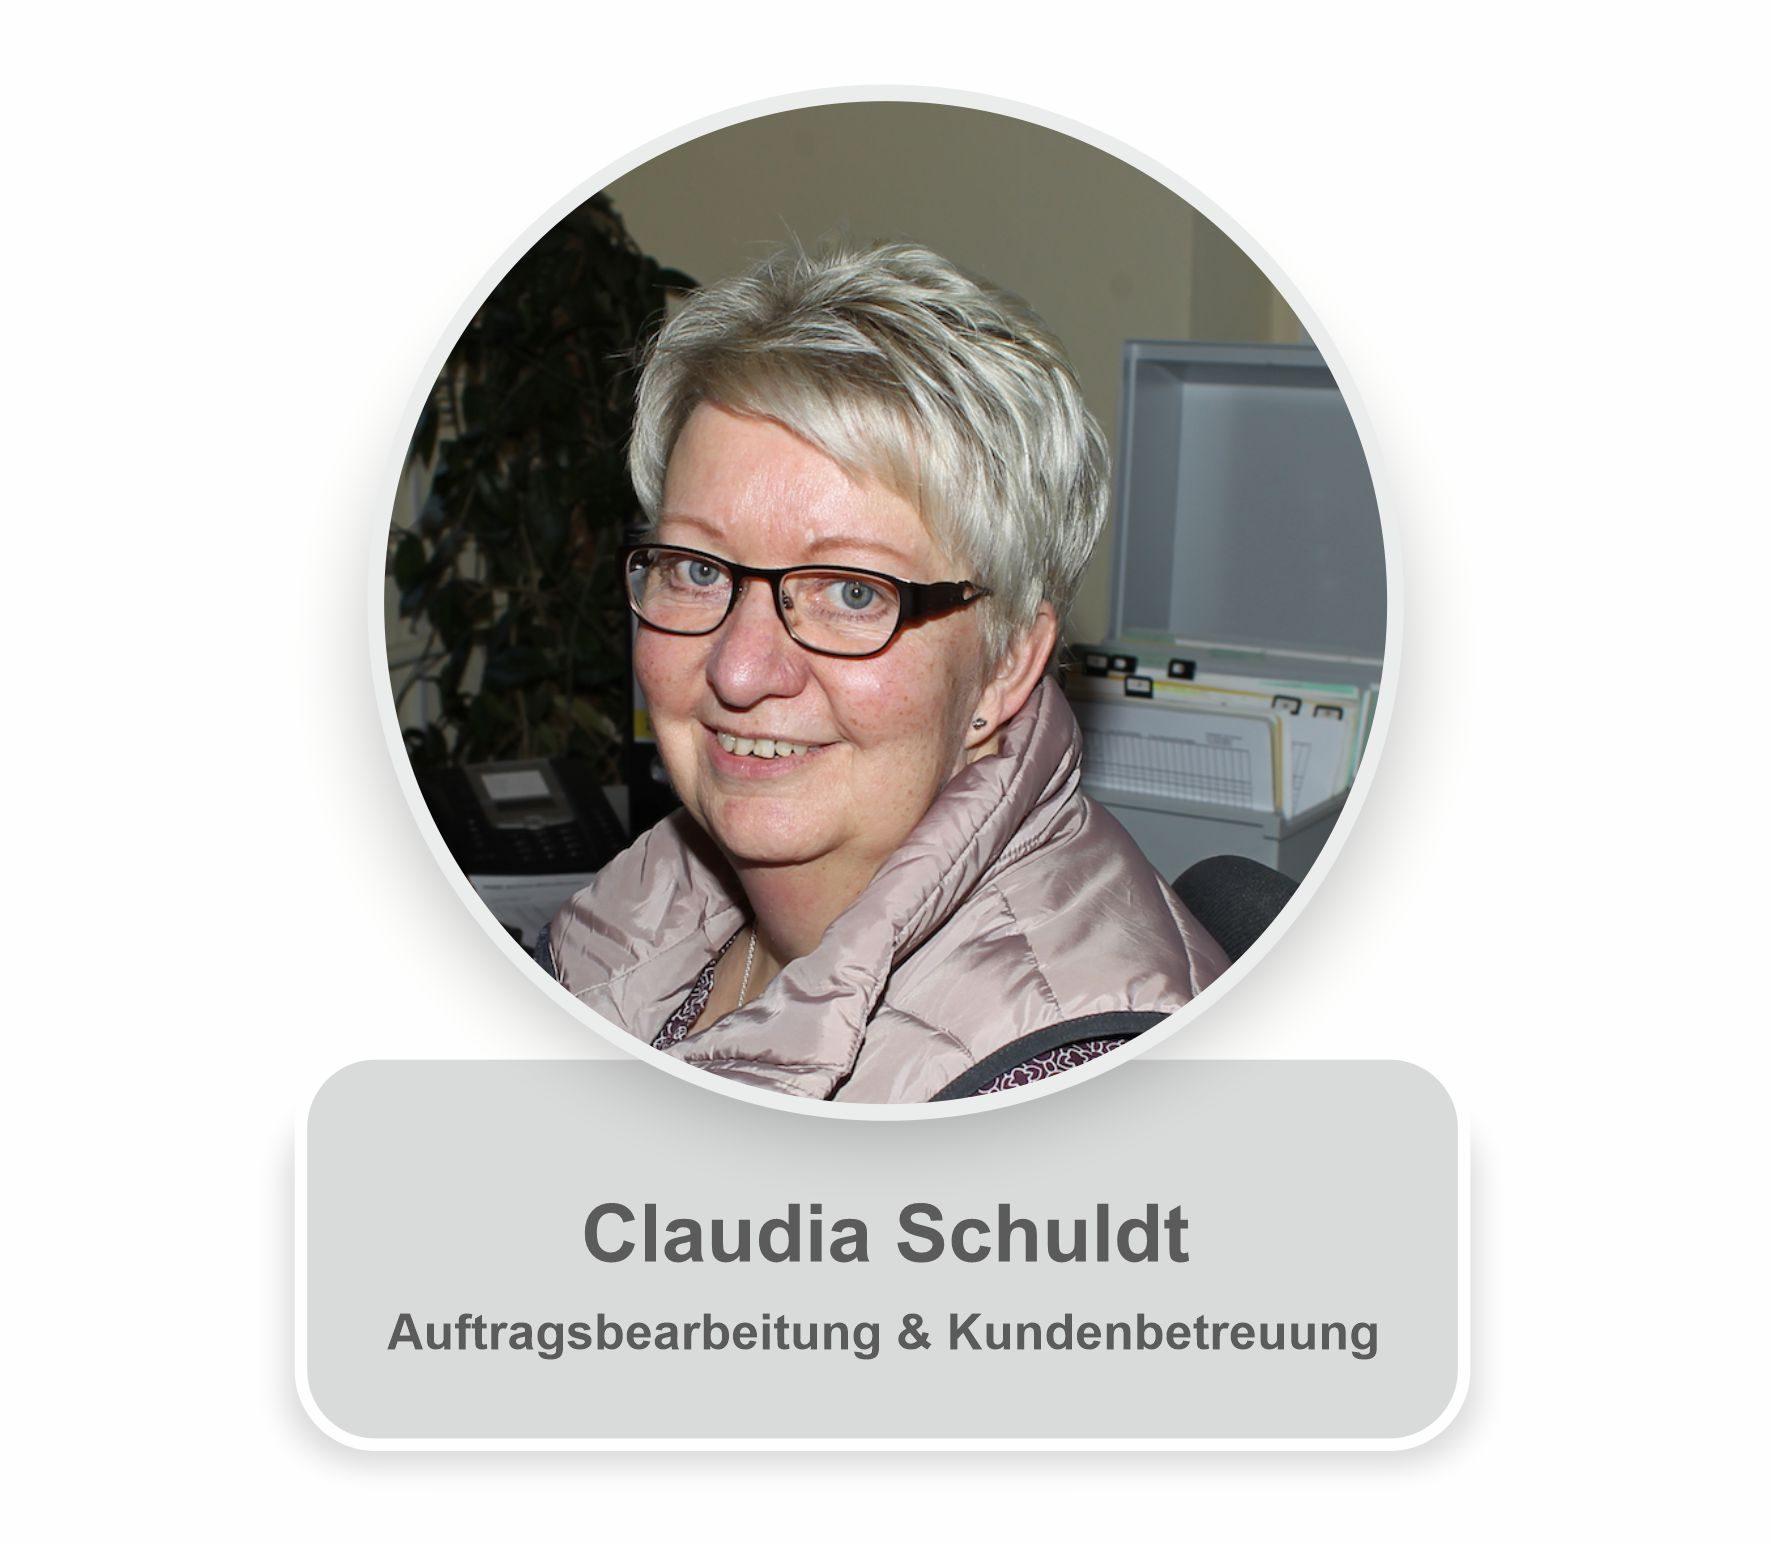 Claudia Schuldt